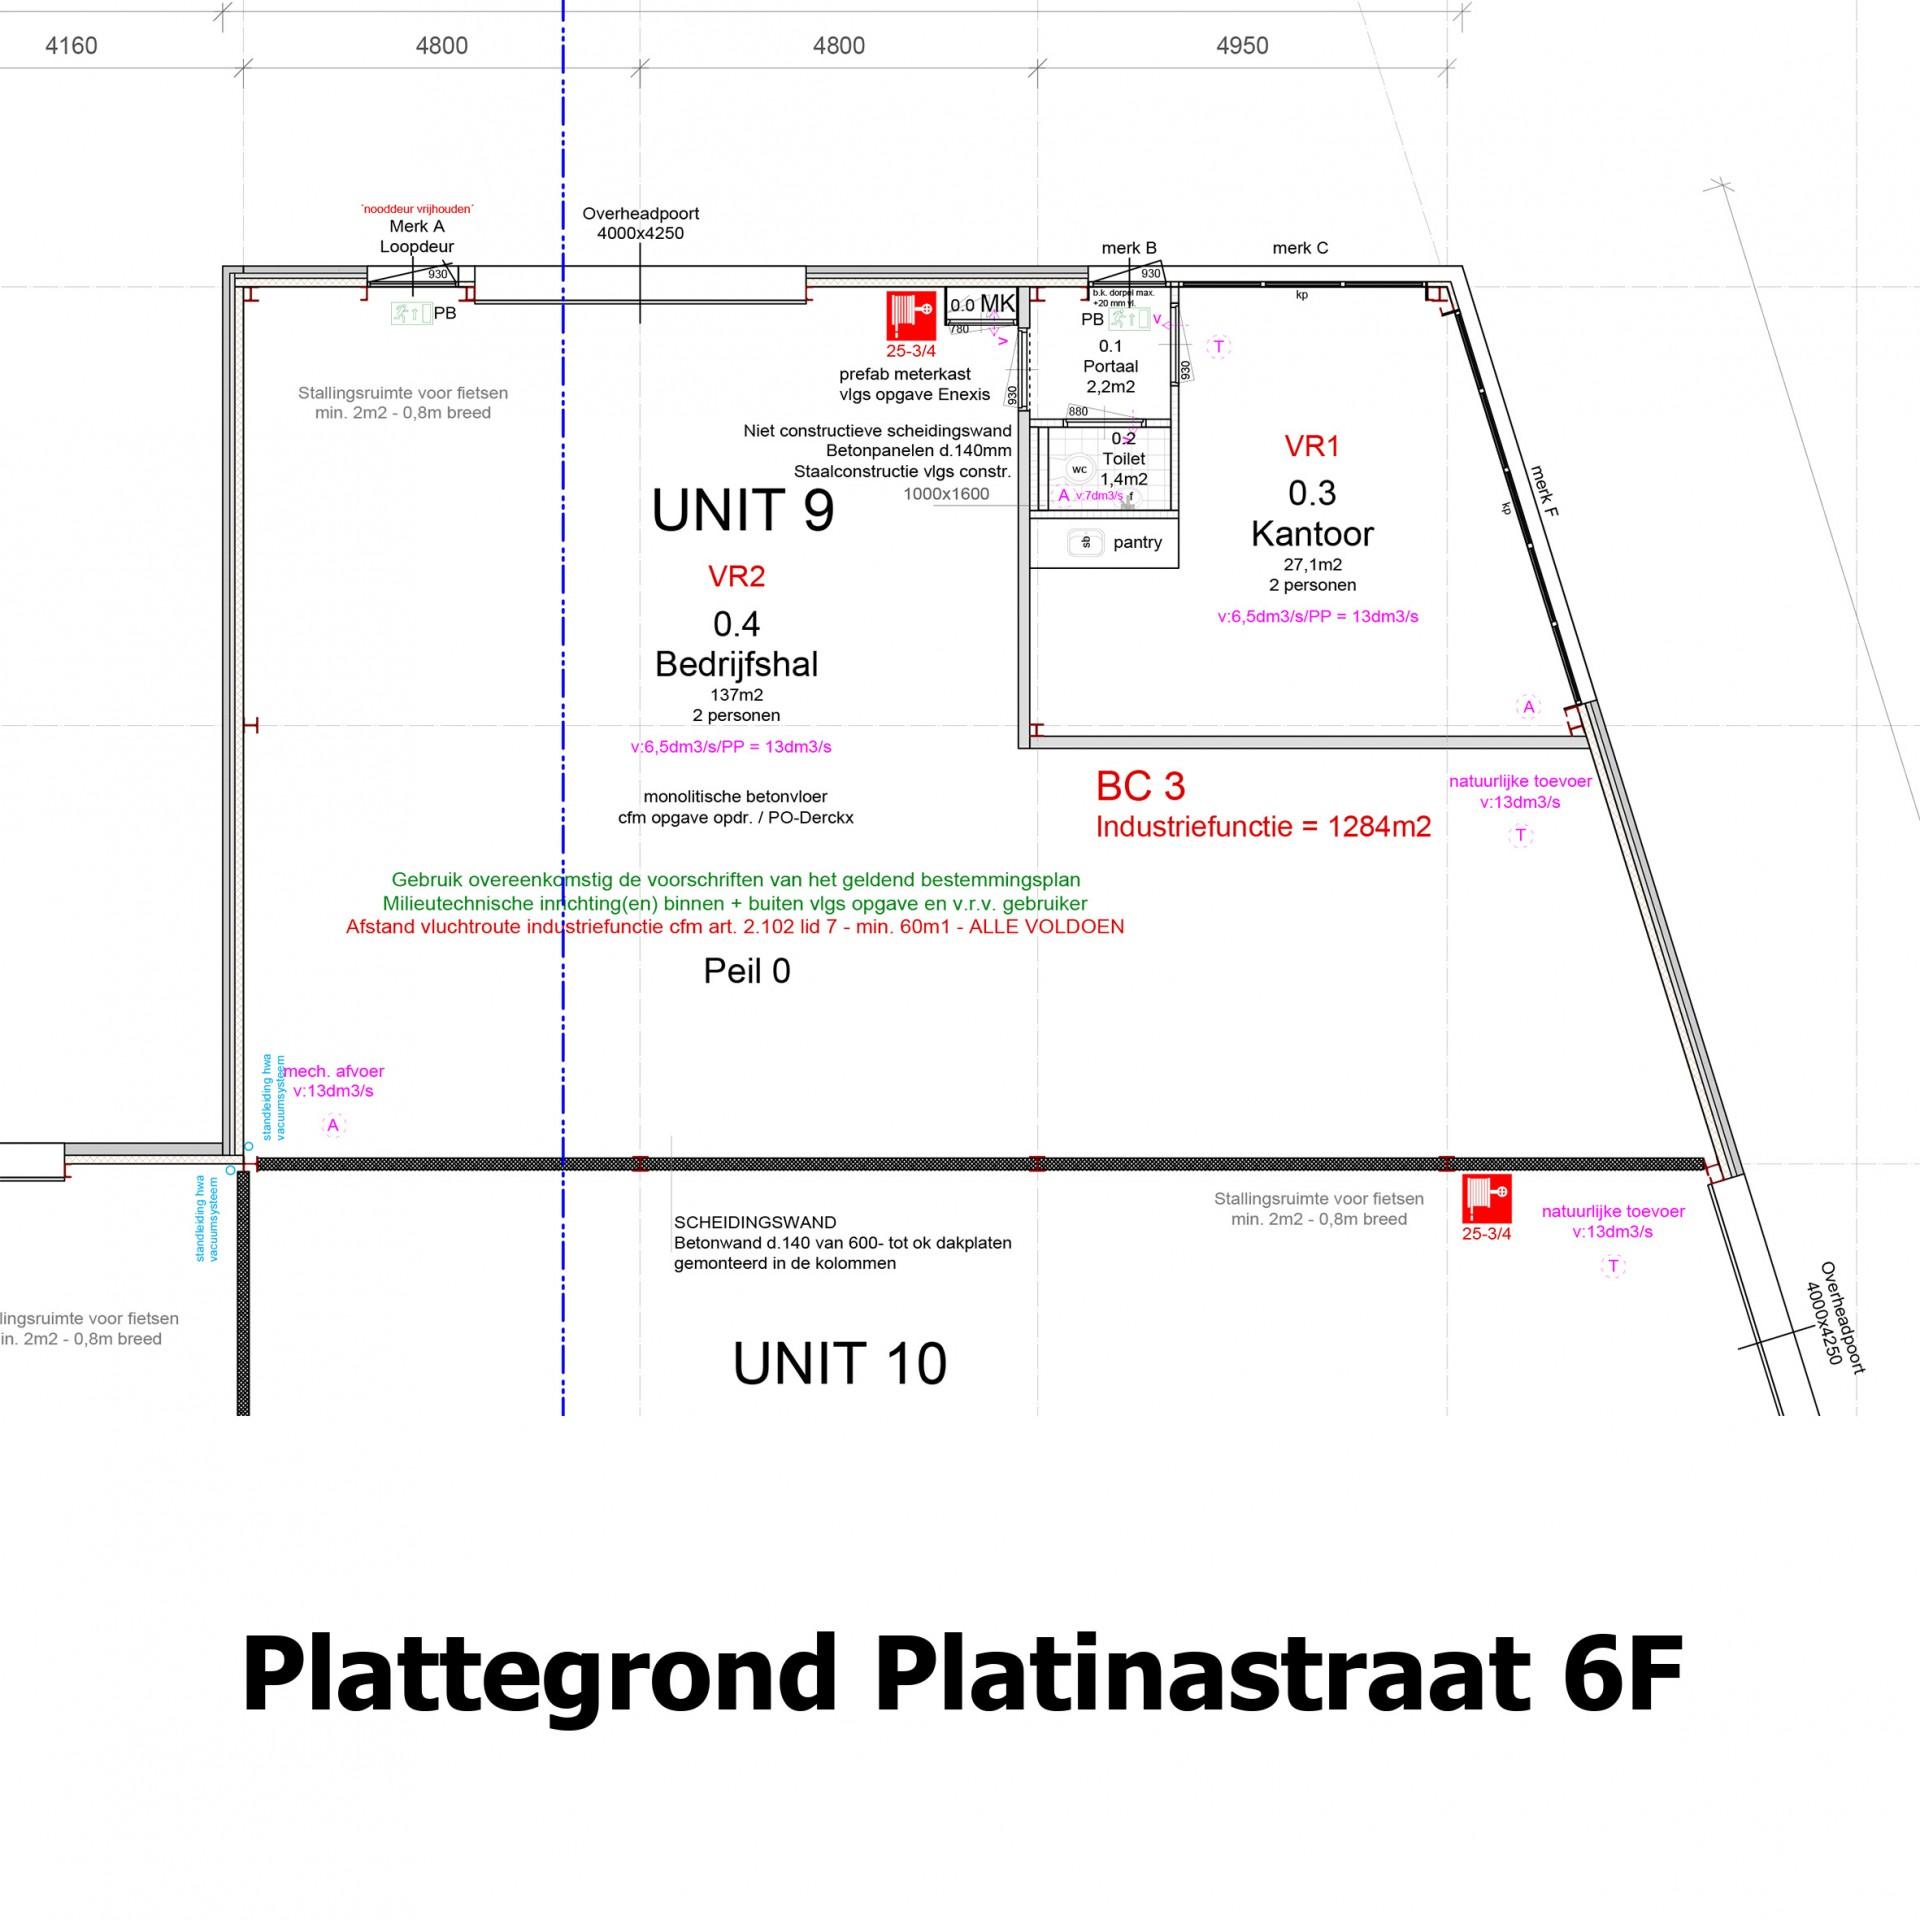 Plattegrond Platinastraat 6 F